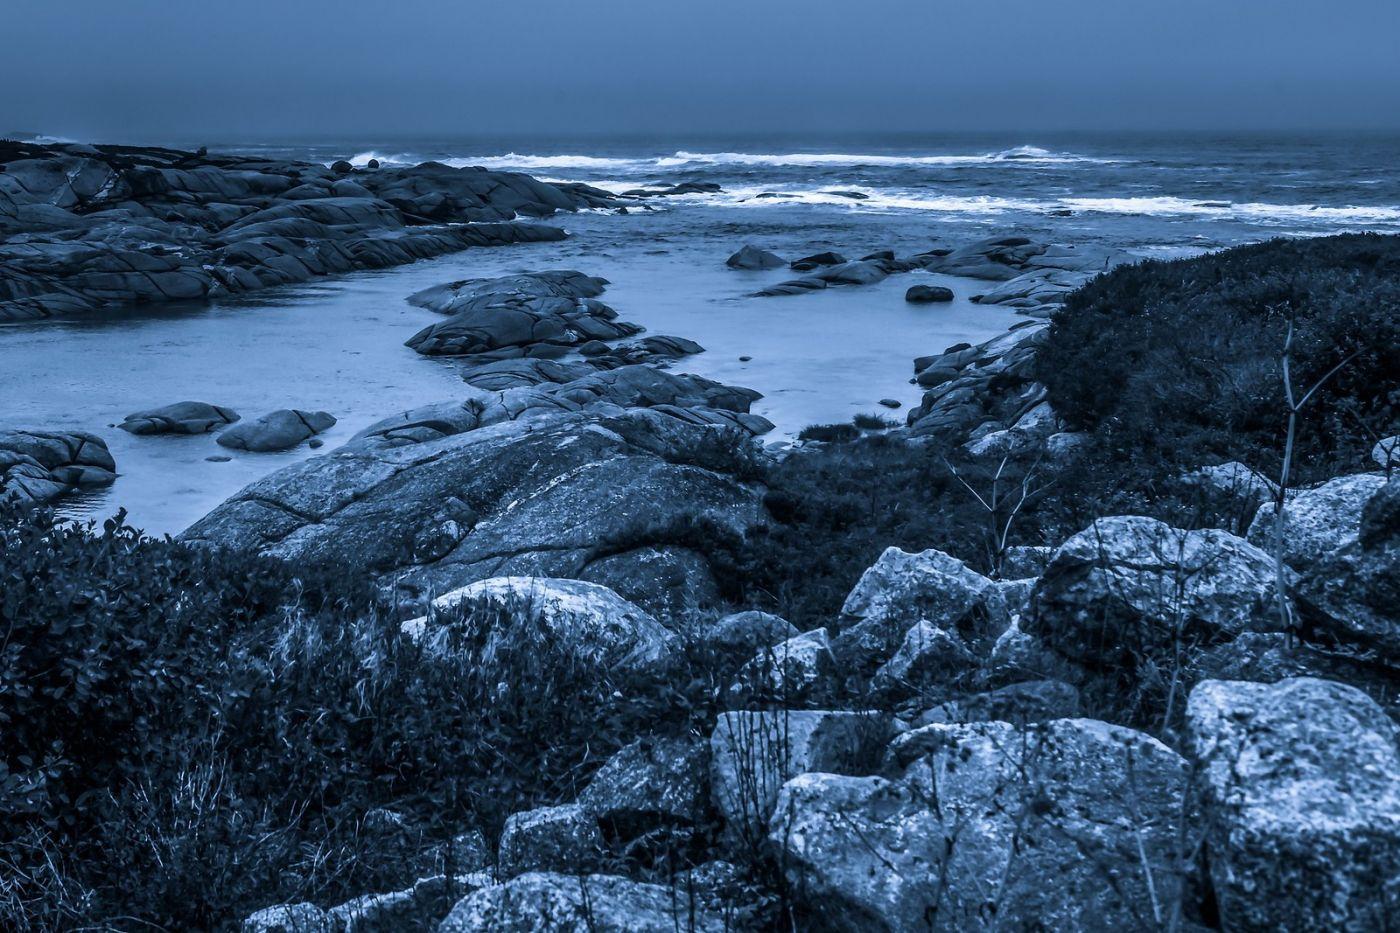 加拿大佩吉海湾(Peggys Cove),礁石上的灯塔_图1-23